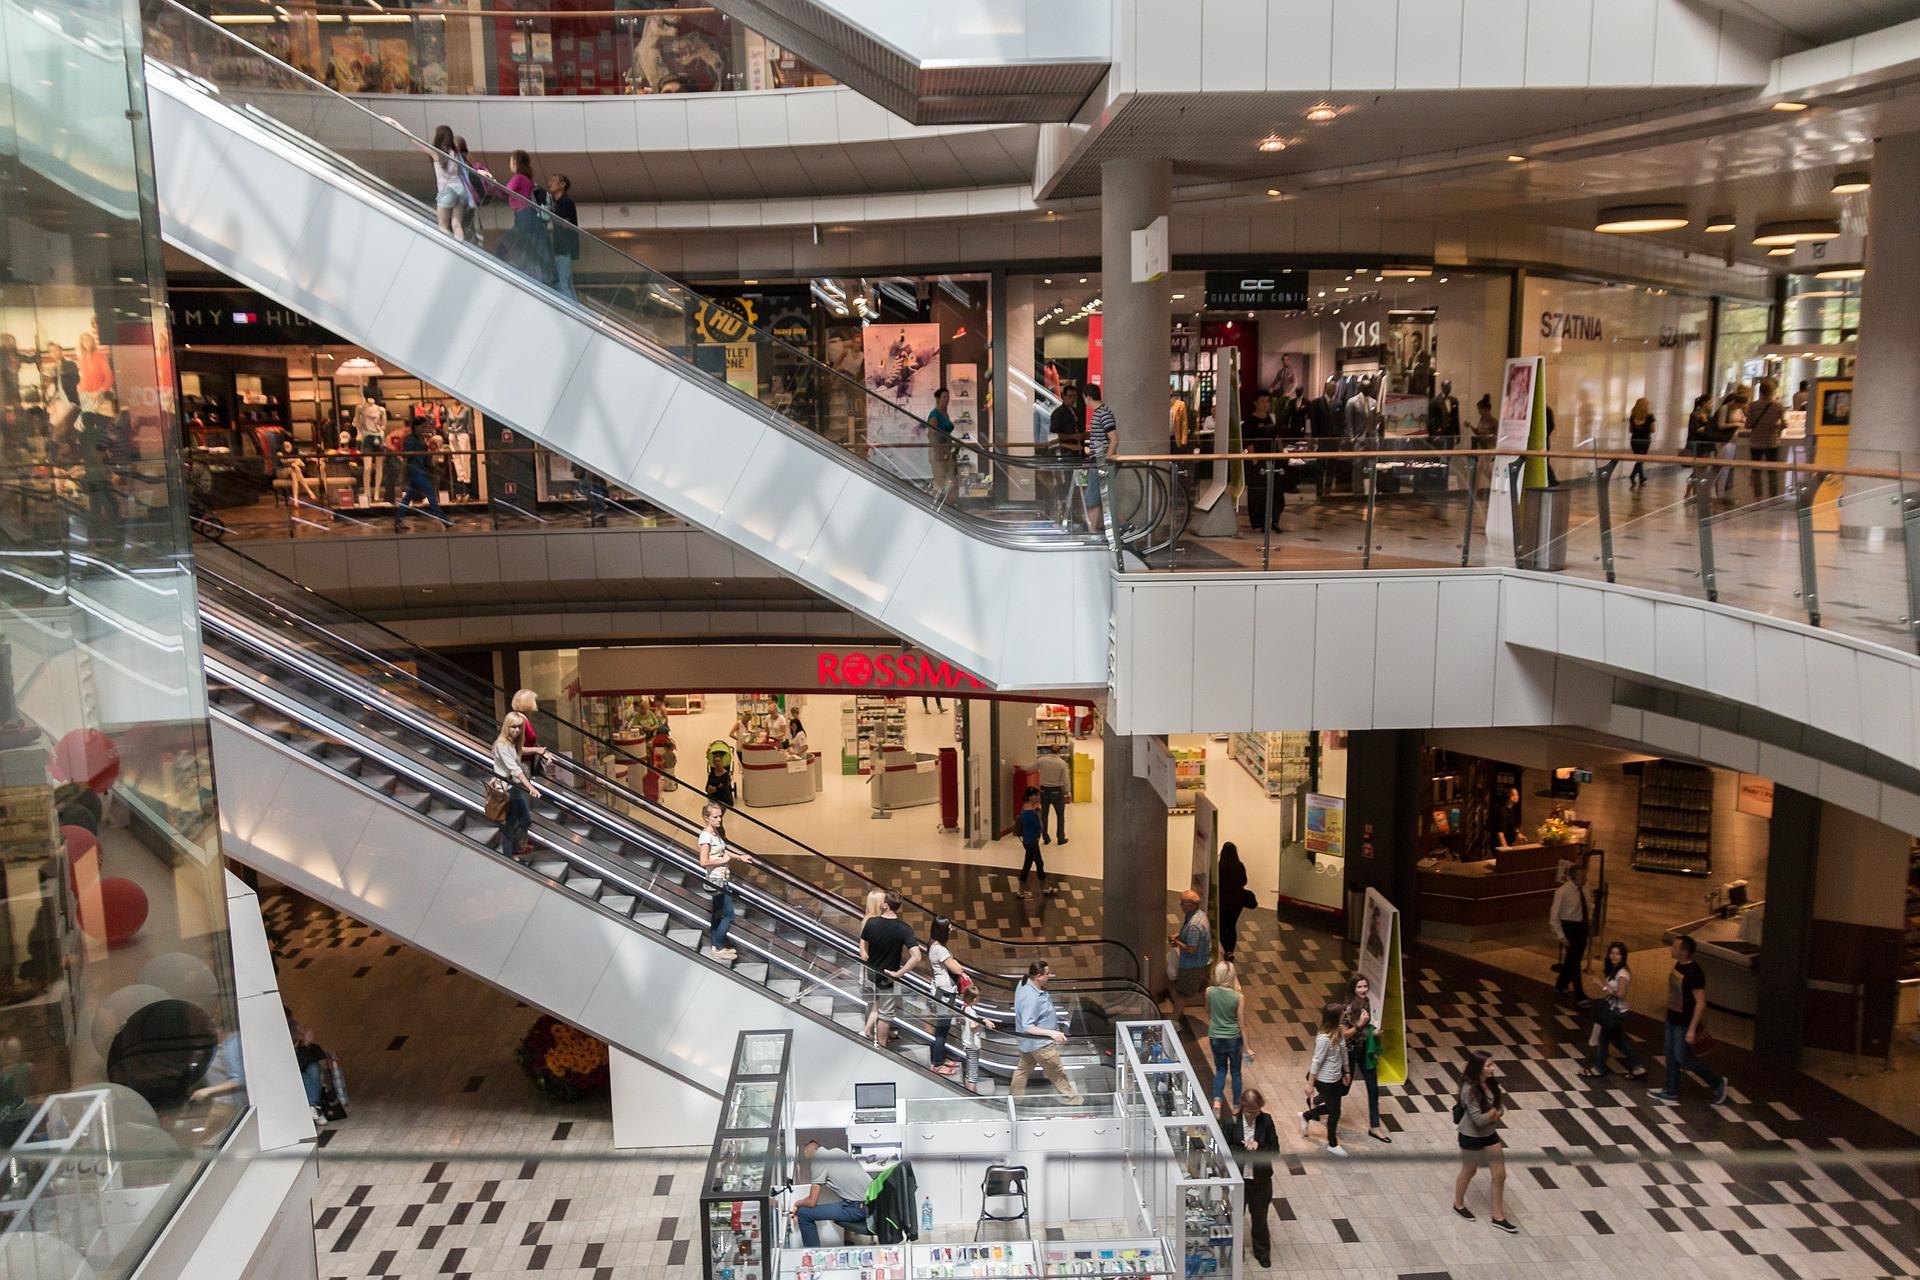 stairs-MichalJarmolukPixabay.jpg